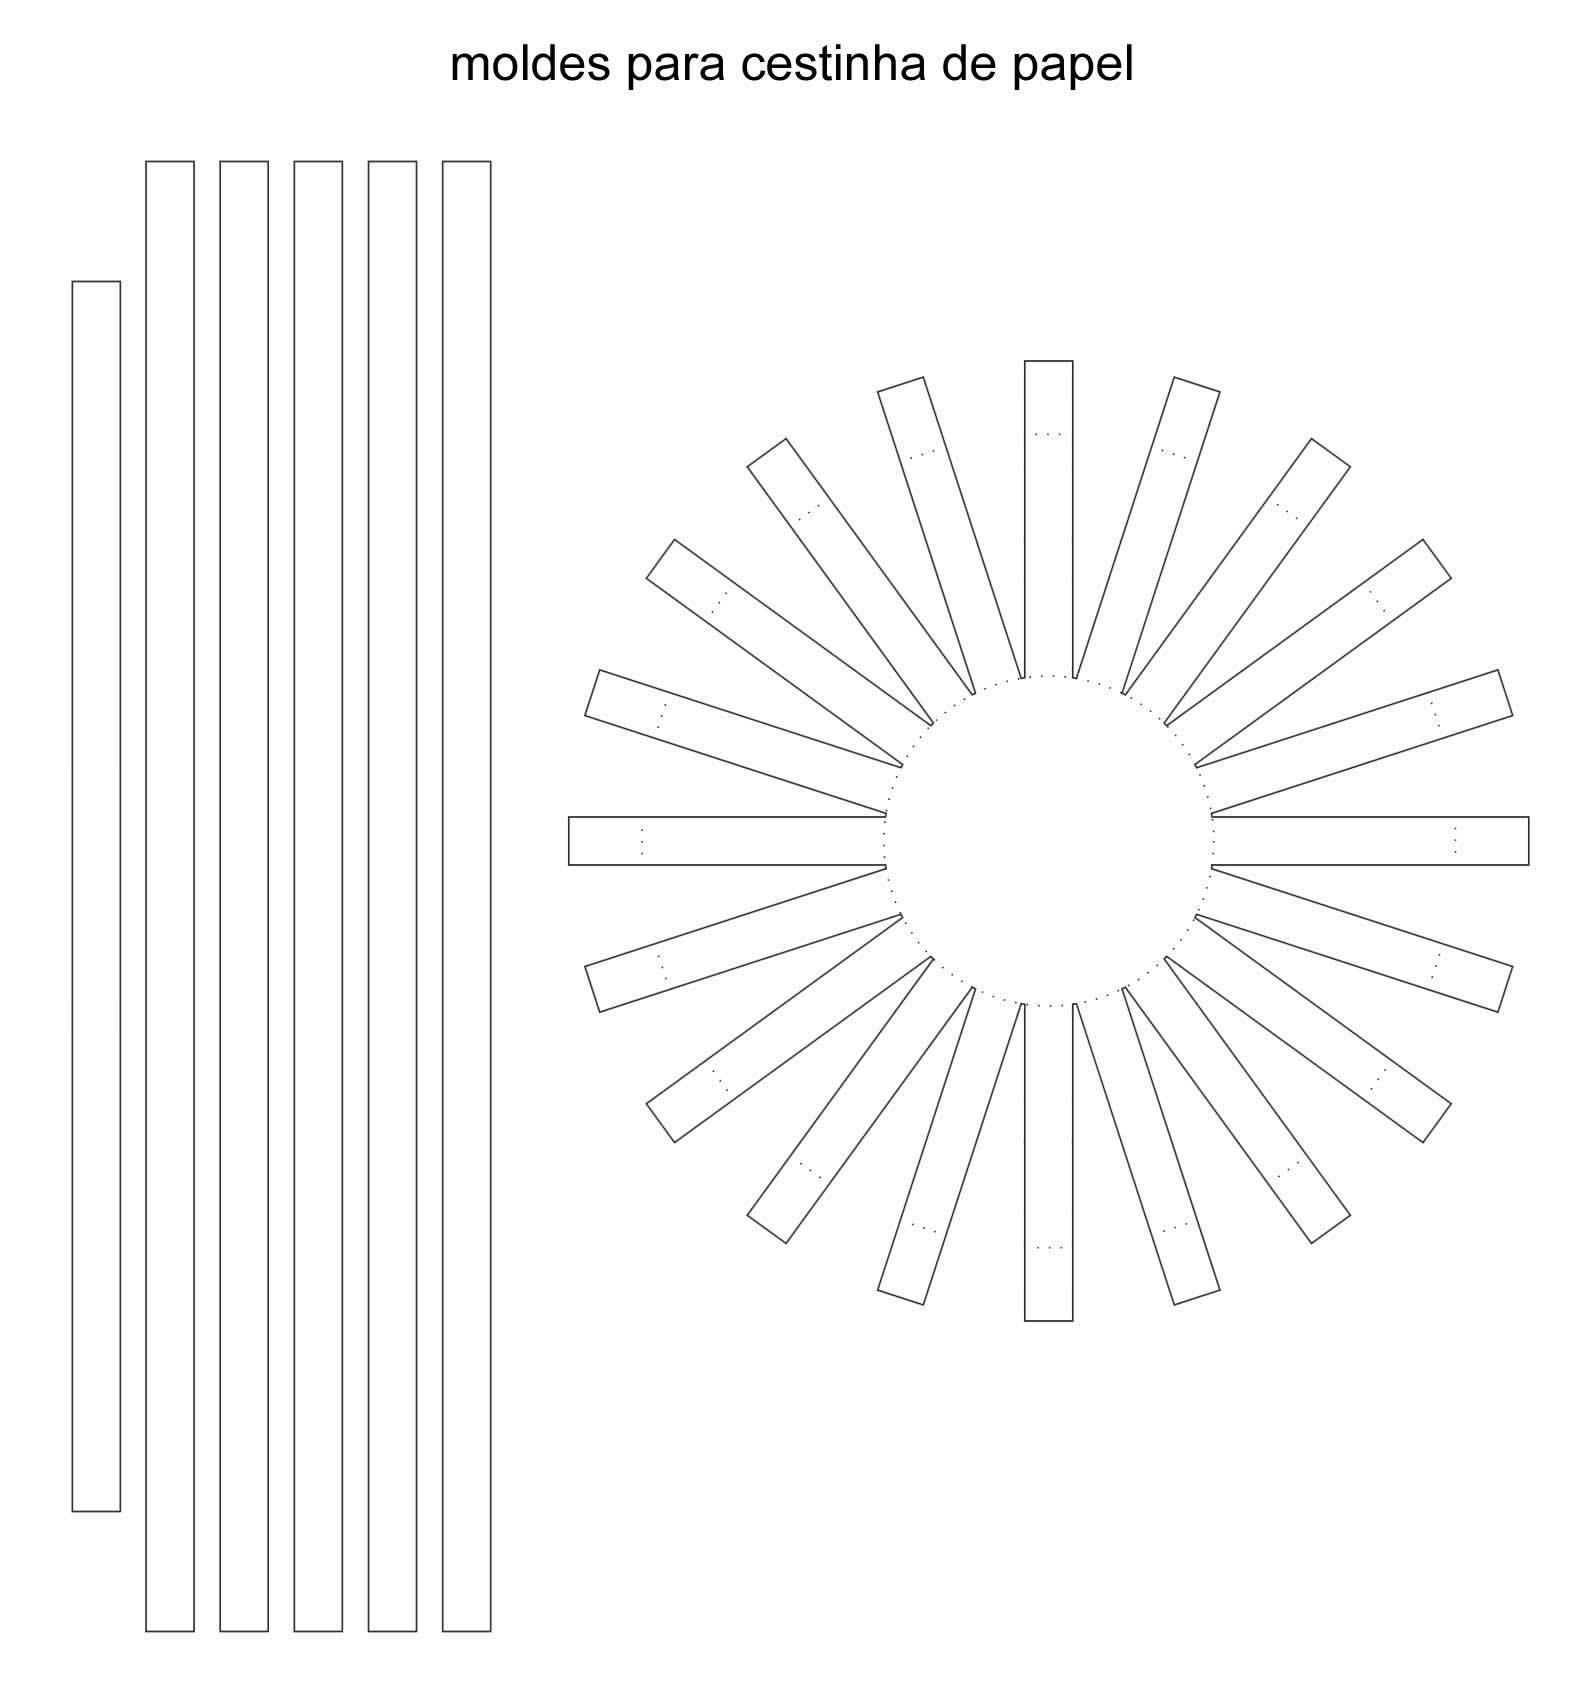 Molde de cestinha de papel para Páscoa